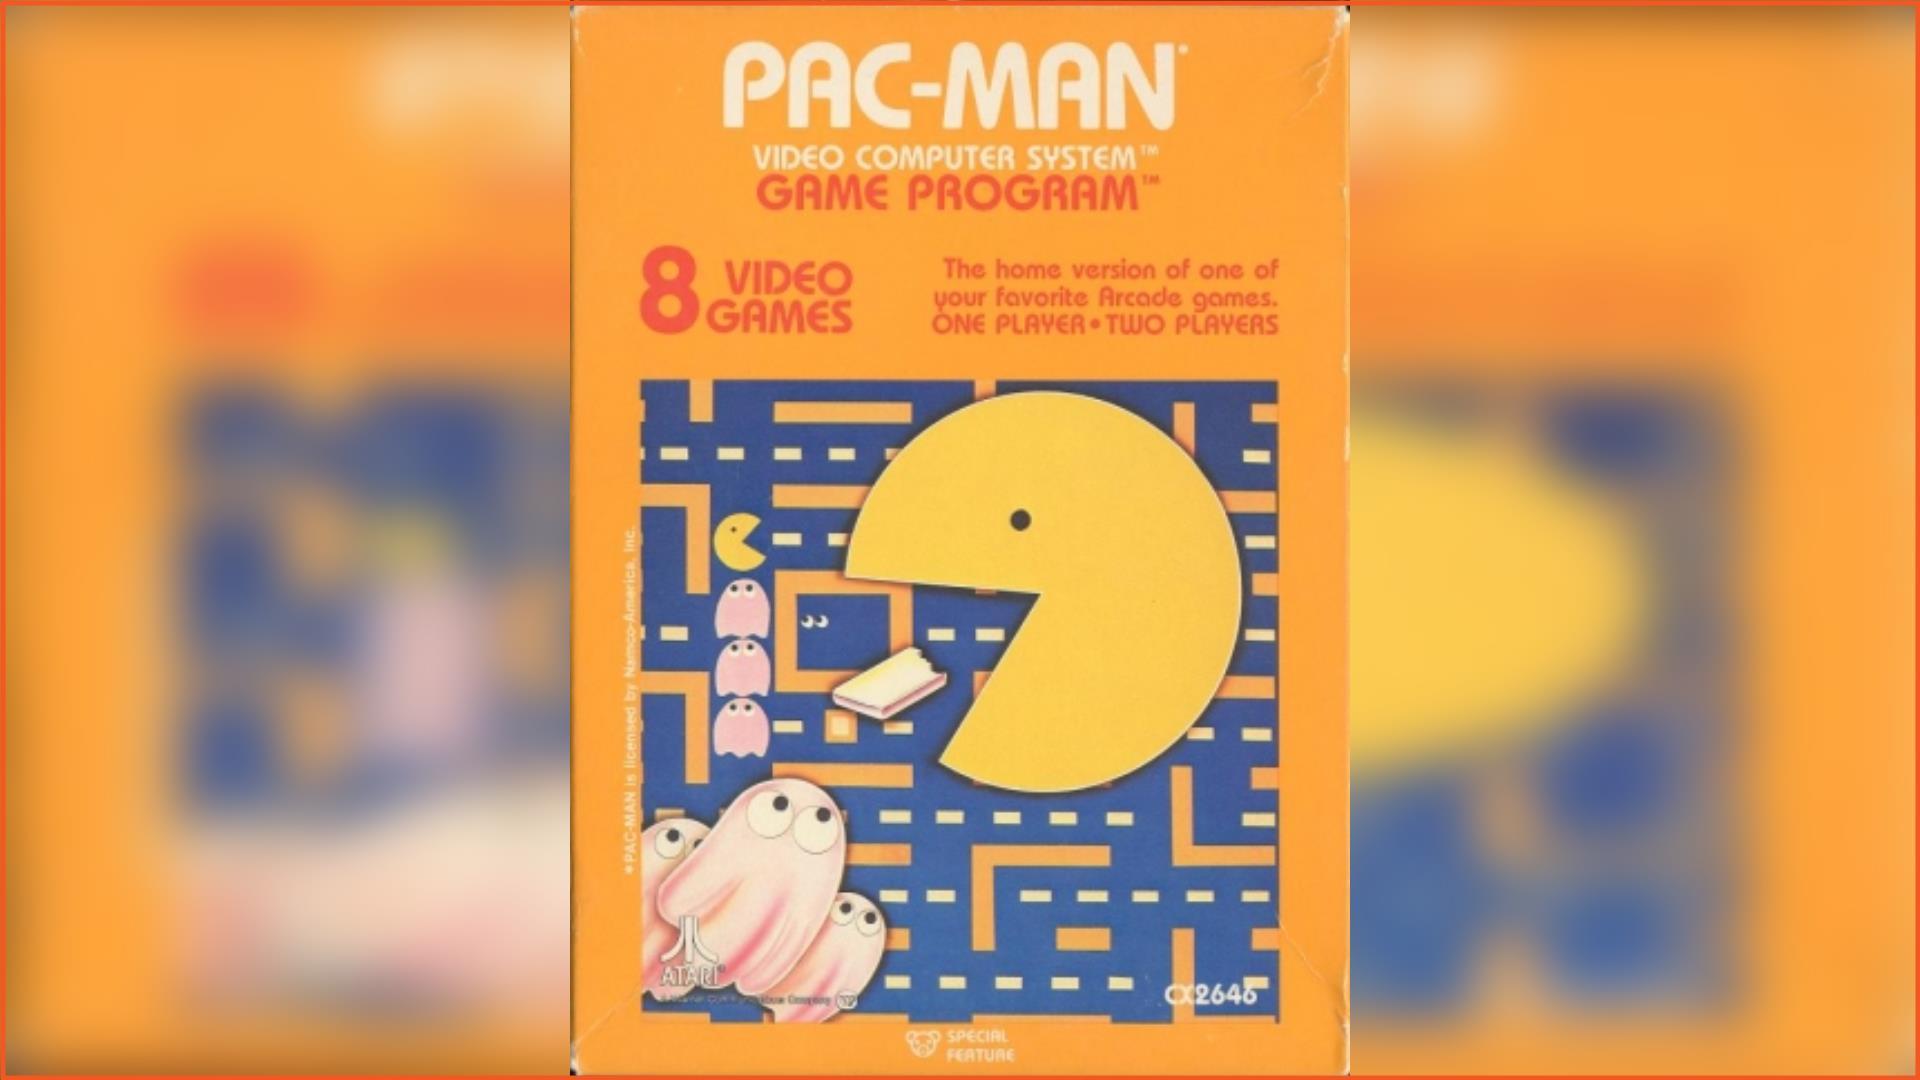 Pac-man Atari 2600 ROM Download